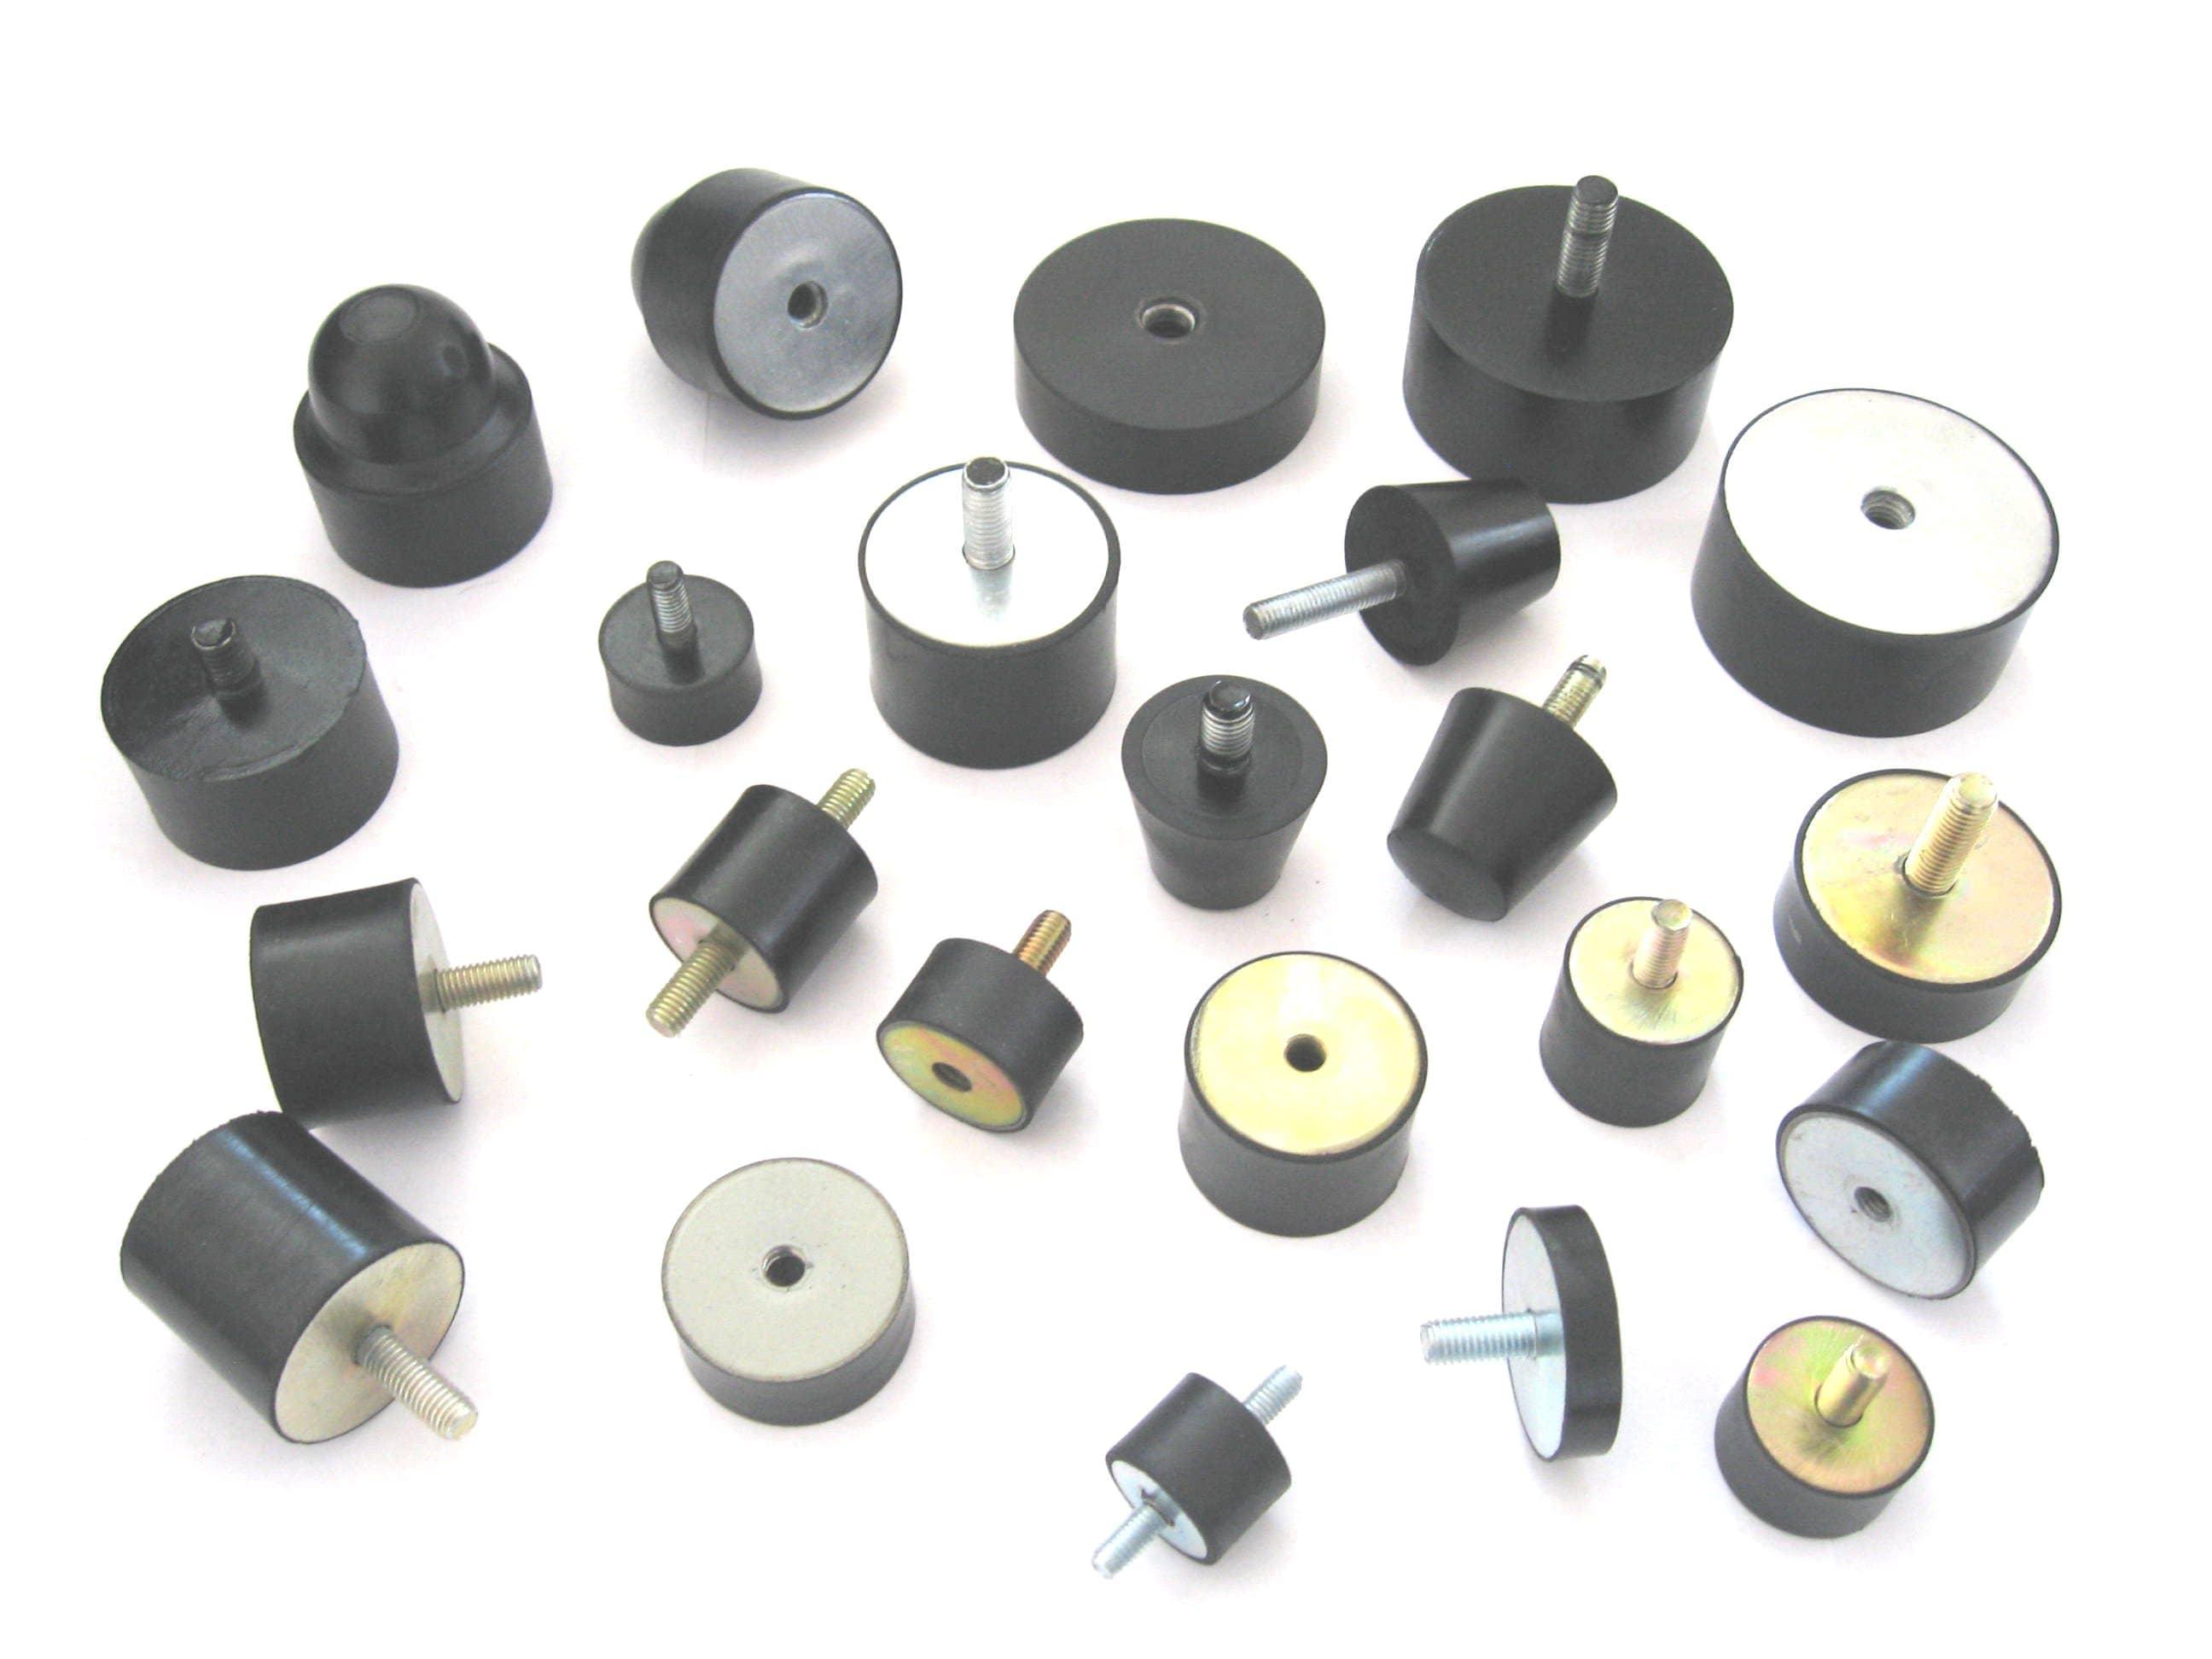 1. wibroizolatory gumowo-metalowe, amortyzatory walcowe fi 70, fi 50, fi 40 fi 30, fi 25, stożkowe i inne elementy wibroizolacyjne